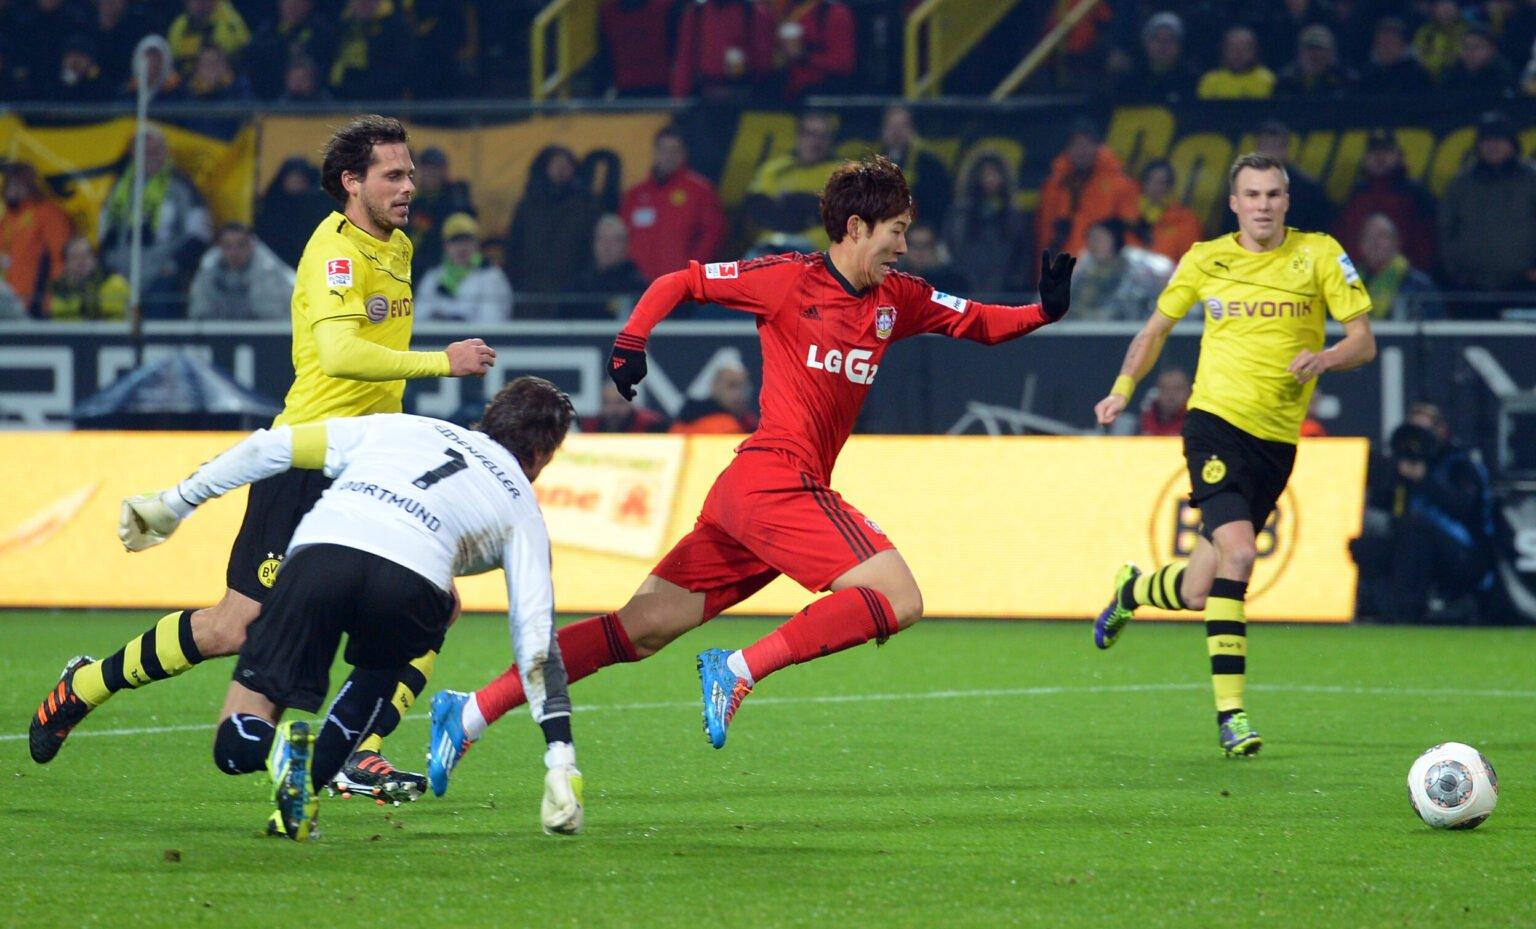 Son đã ghi 41 bàn trong 6 mùa khoác áo Hamburg và Bayer Leverkusen ở Bundesliga